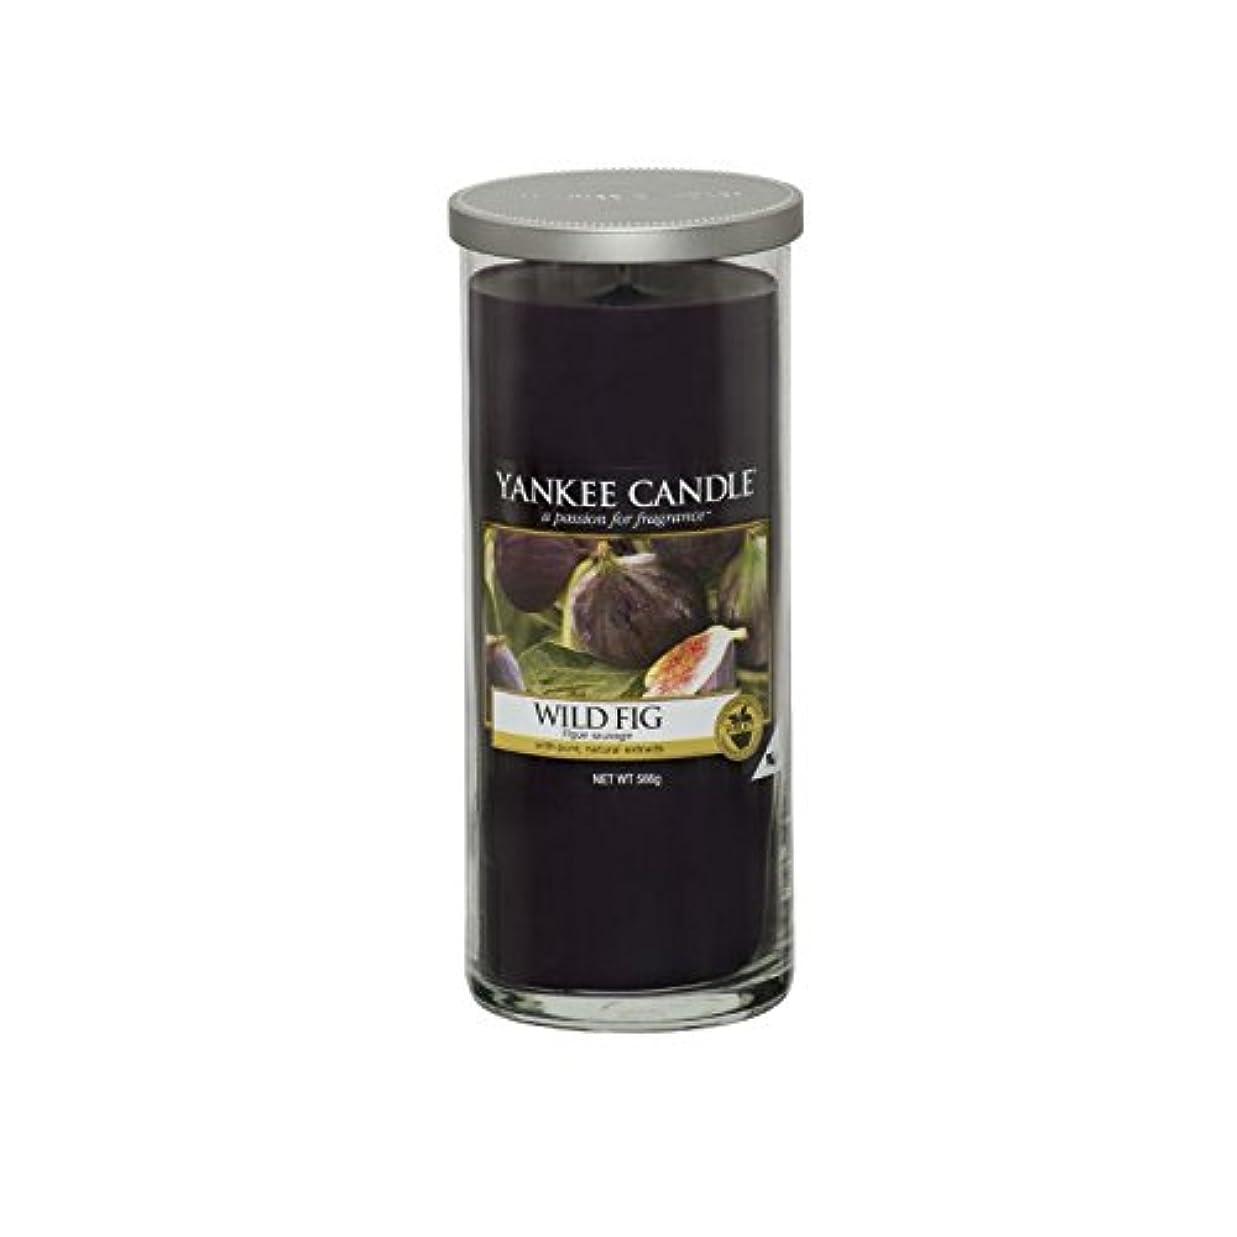 低いクラフト抑制するヤンキーキャンドル大きな柱キャンドル - 野生のイチジク - Yankee Candles Large Pillar Candle - Wild Fig (Yankee Candles) [並行輸入品]